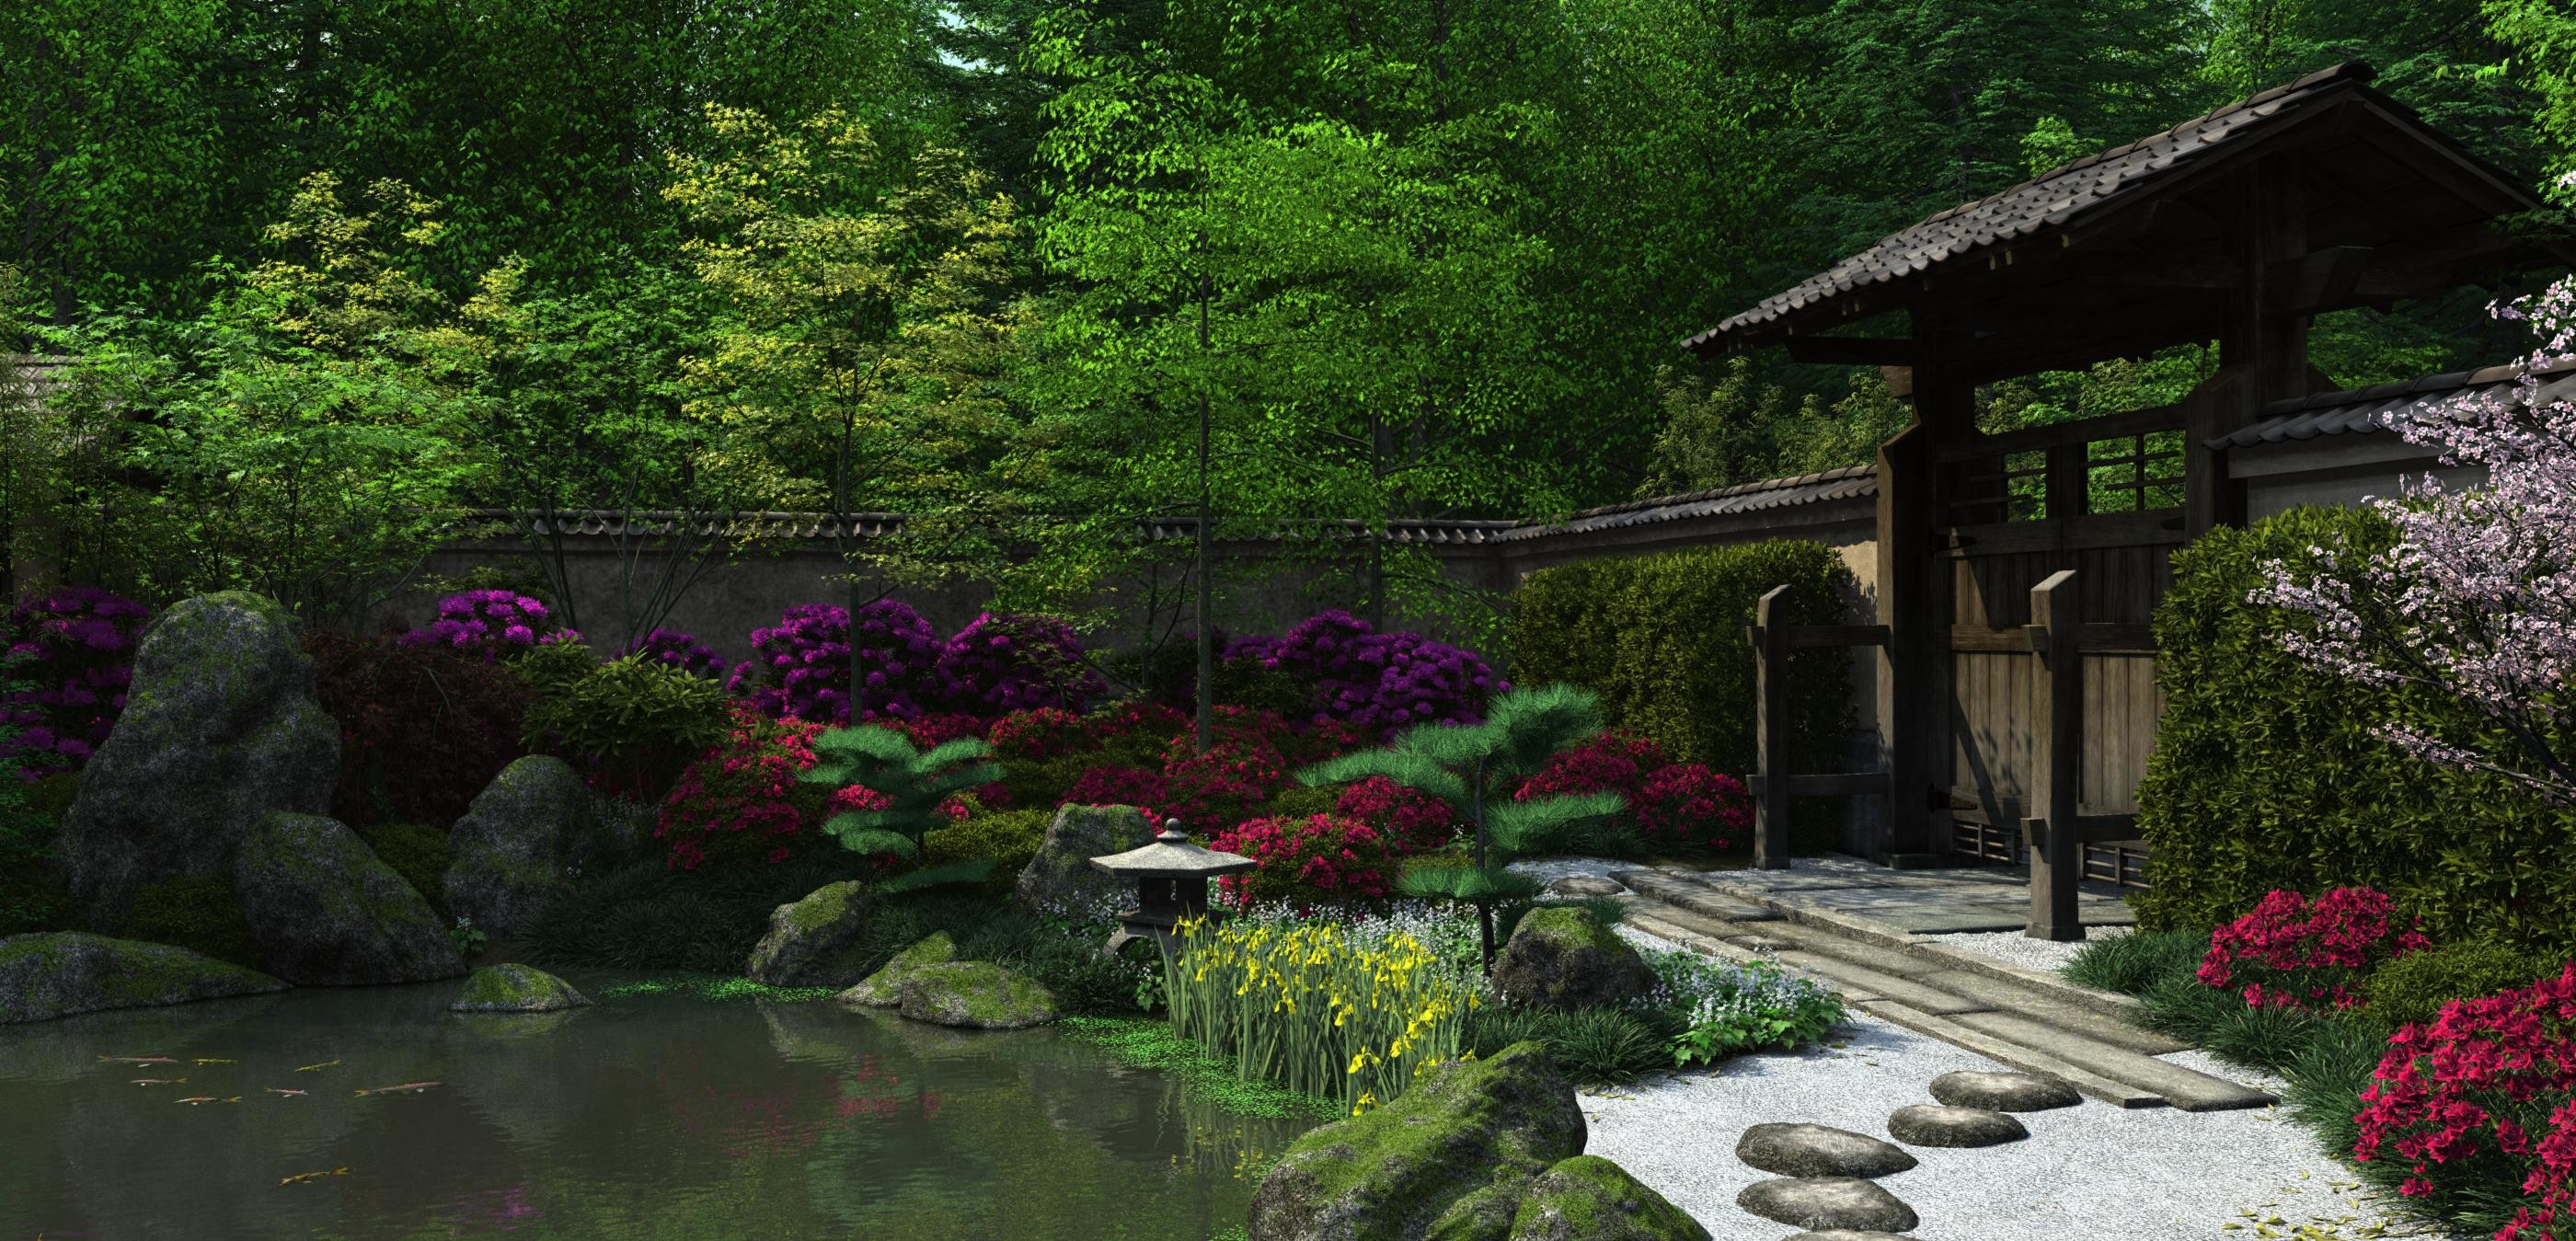 Zen Garden Wallpaper 45 Images